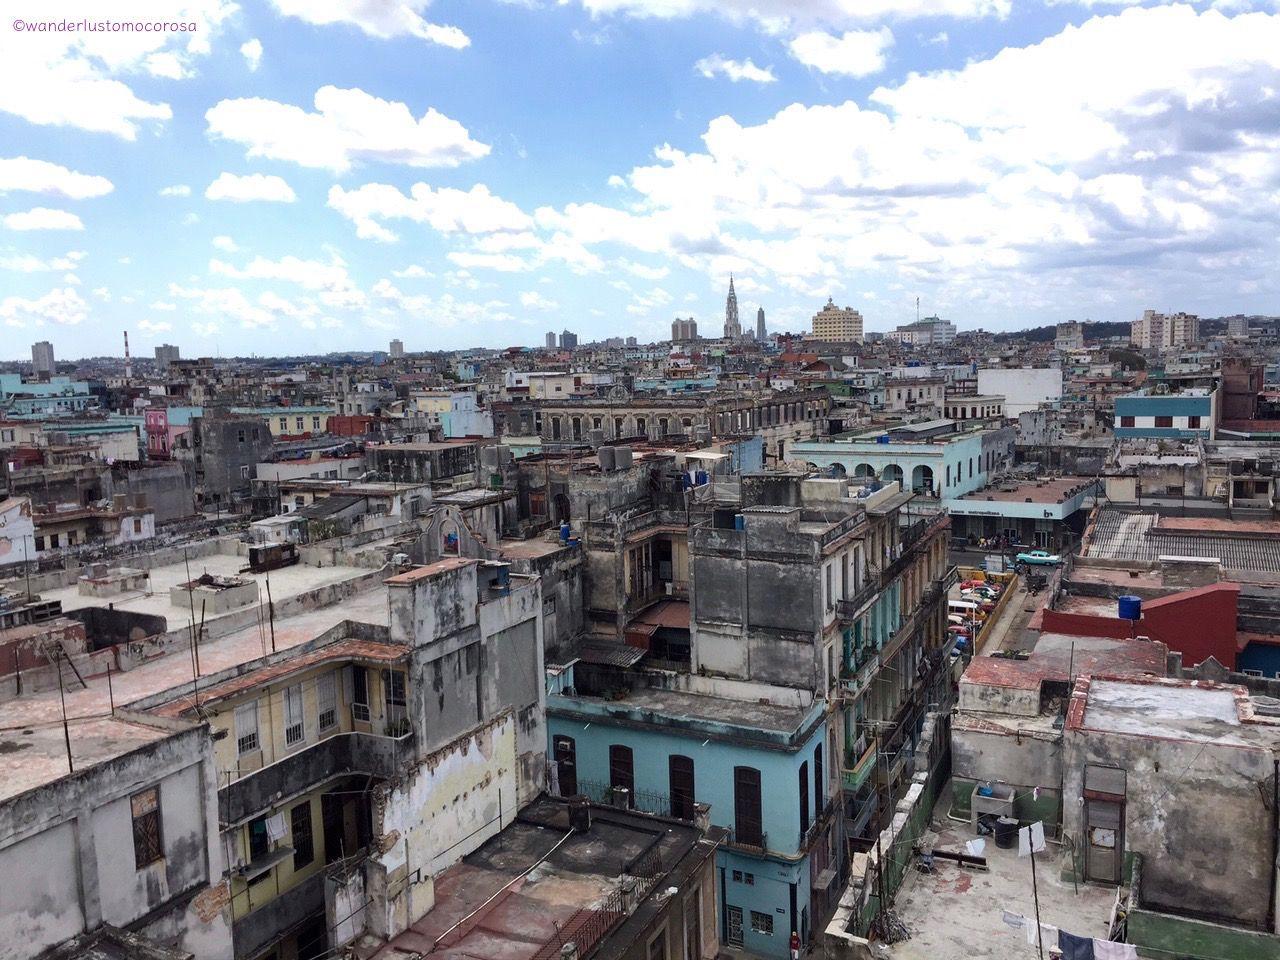 宿泊はやっぱりカサ パルティクラルに。キューバに家族ができちゃう